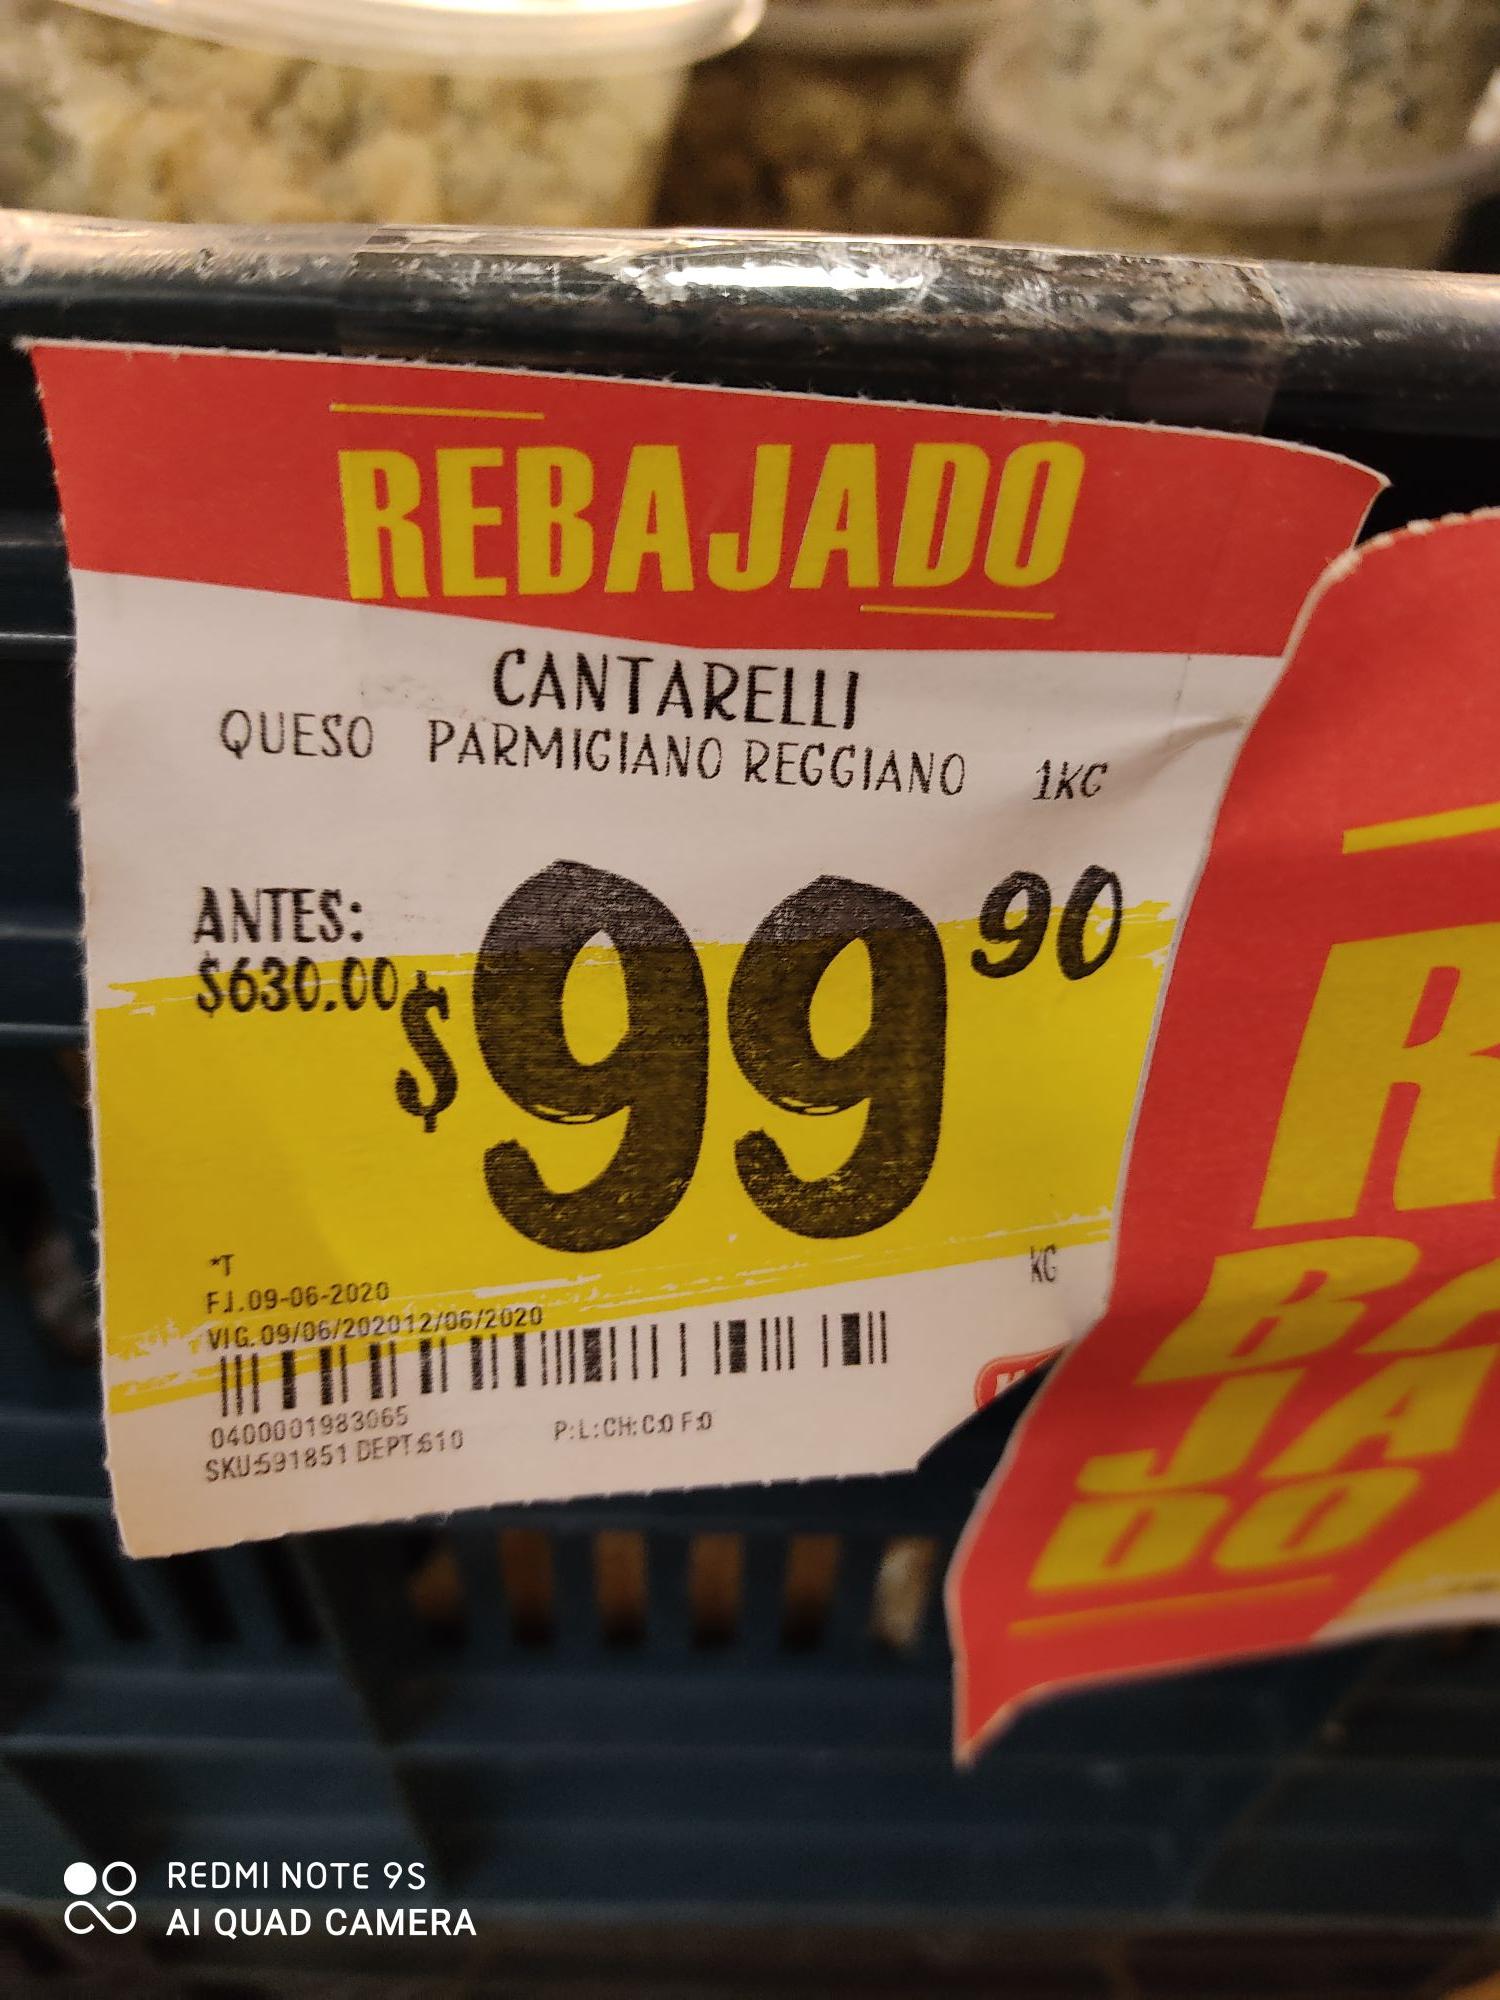 HEB: Queso parmesano de 630 a 99.90 el kilo